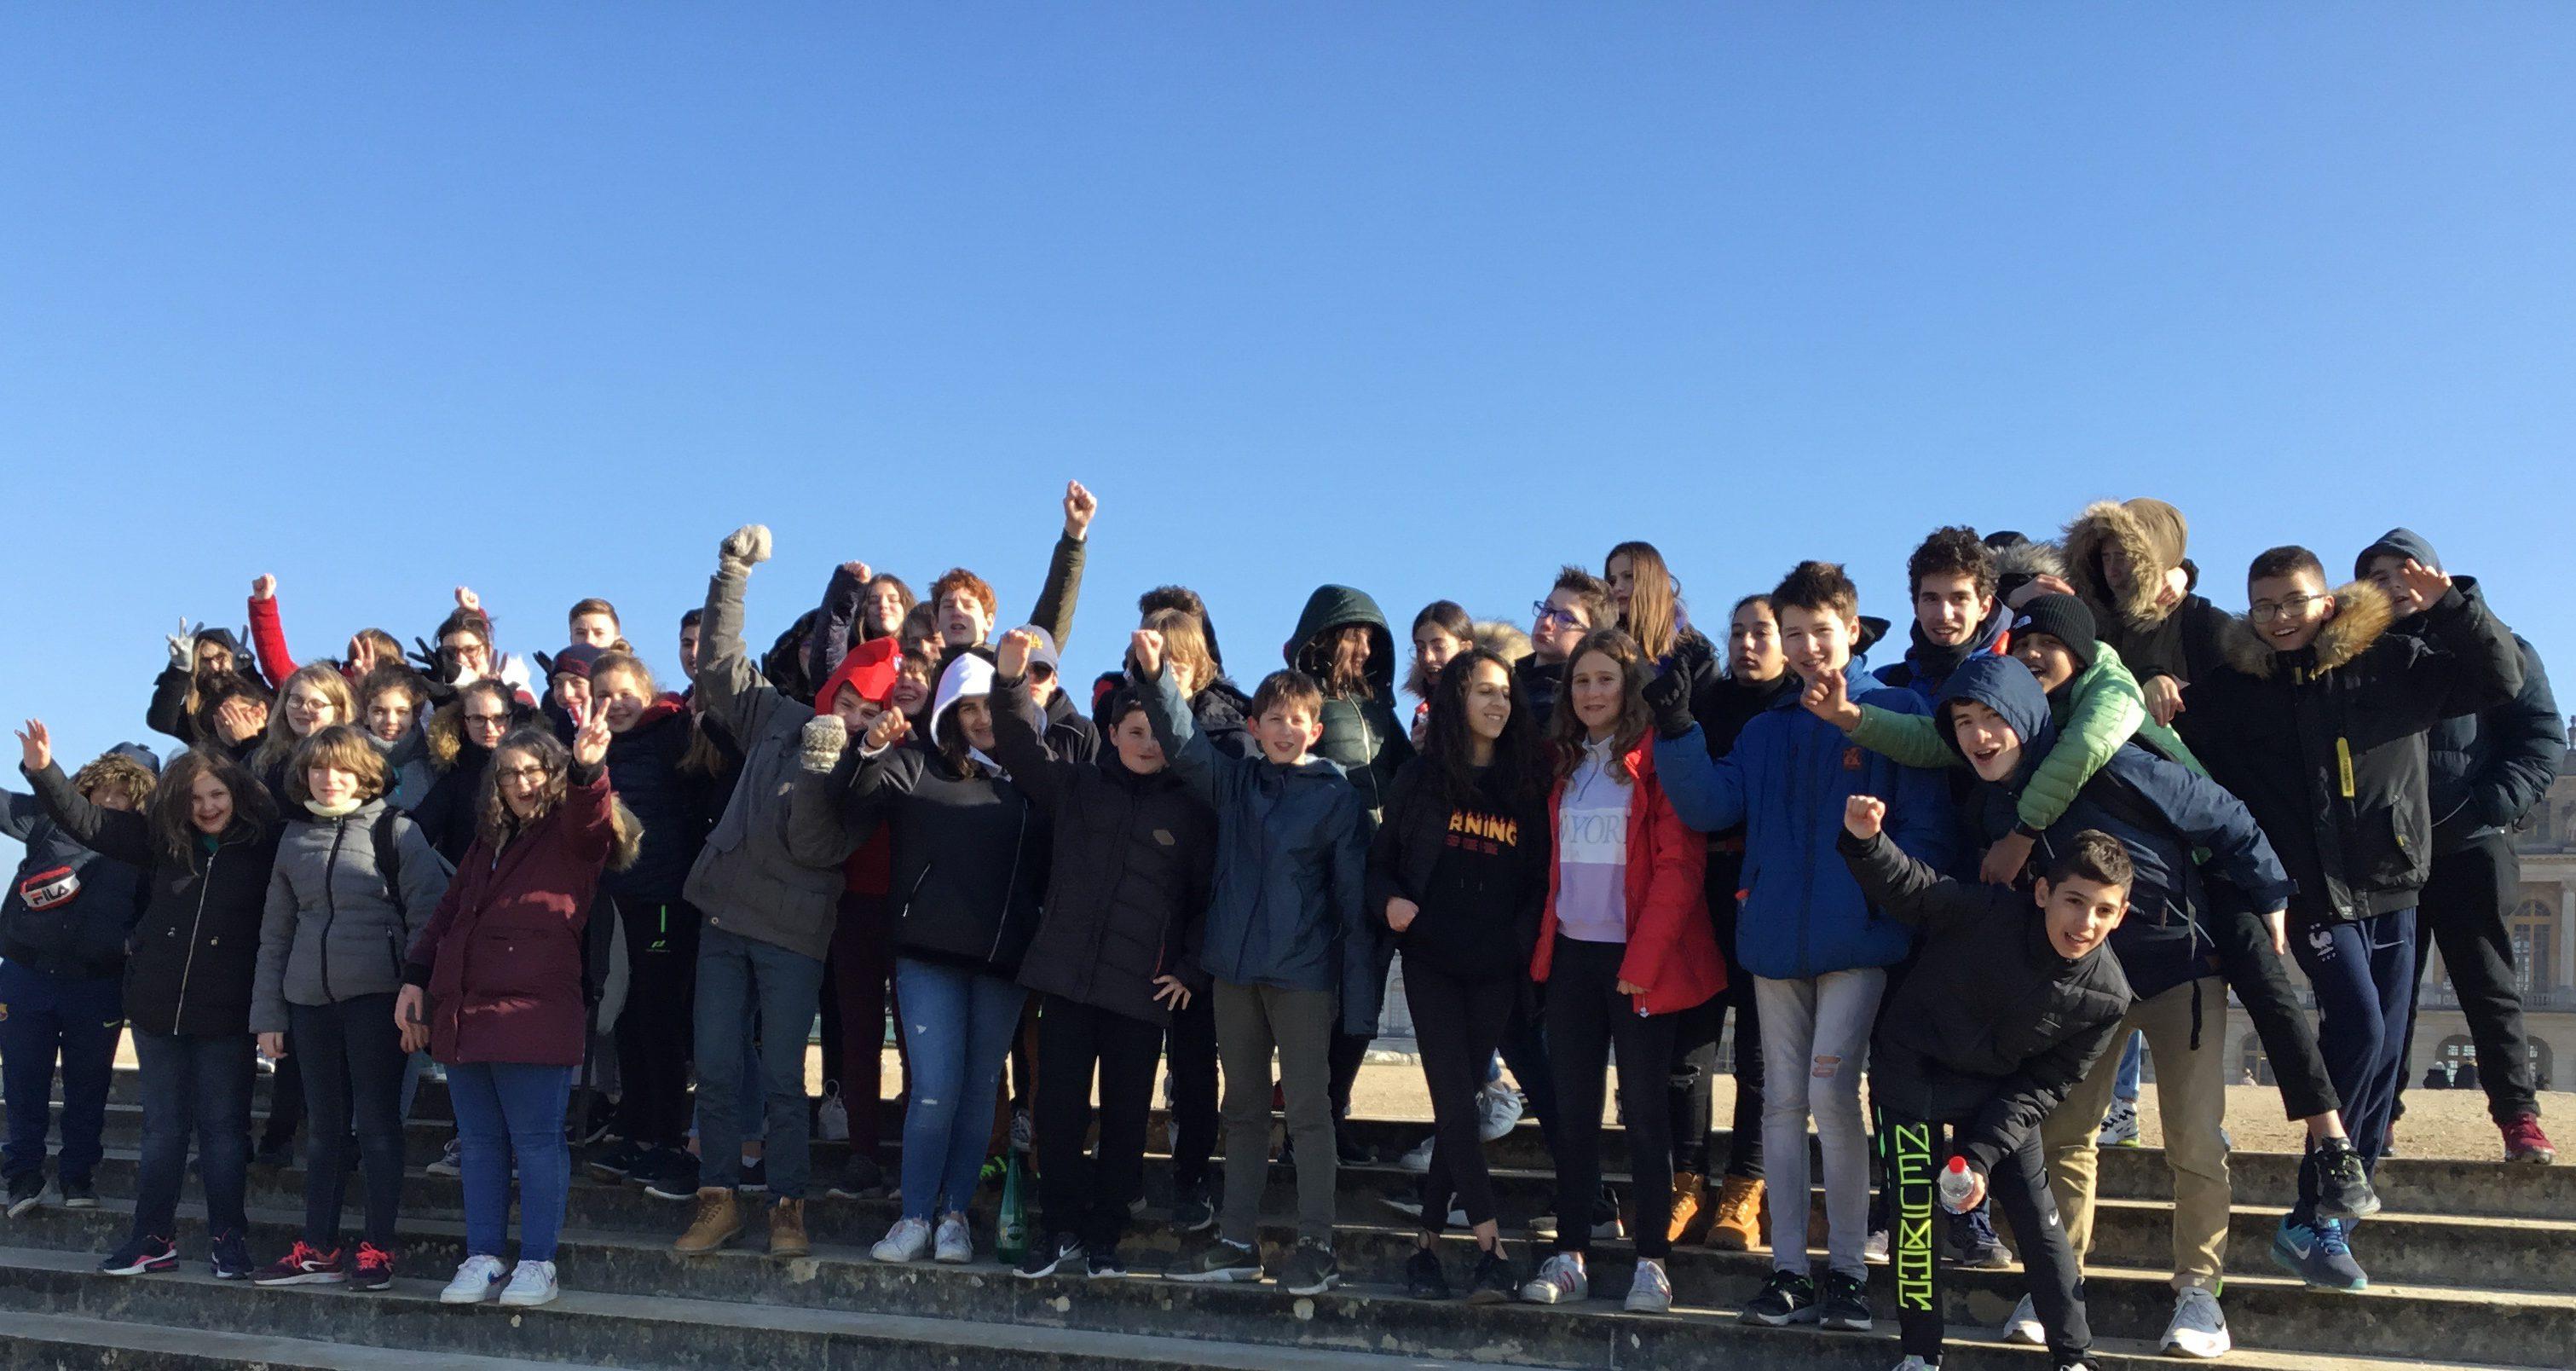 Des révolutionnaires devant le palais de Versailles